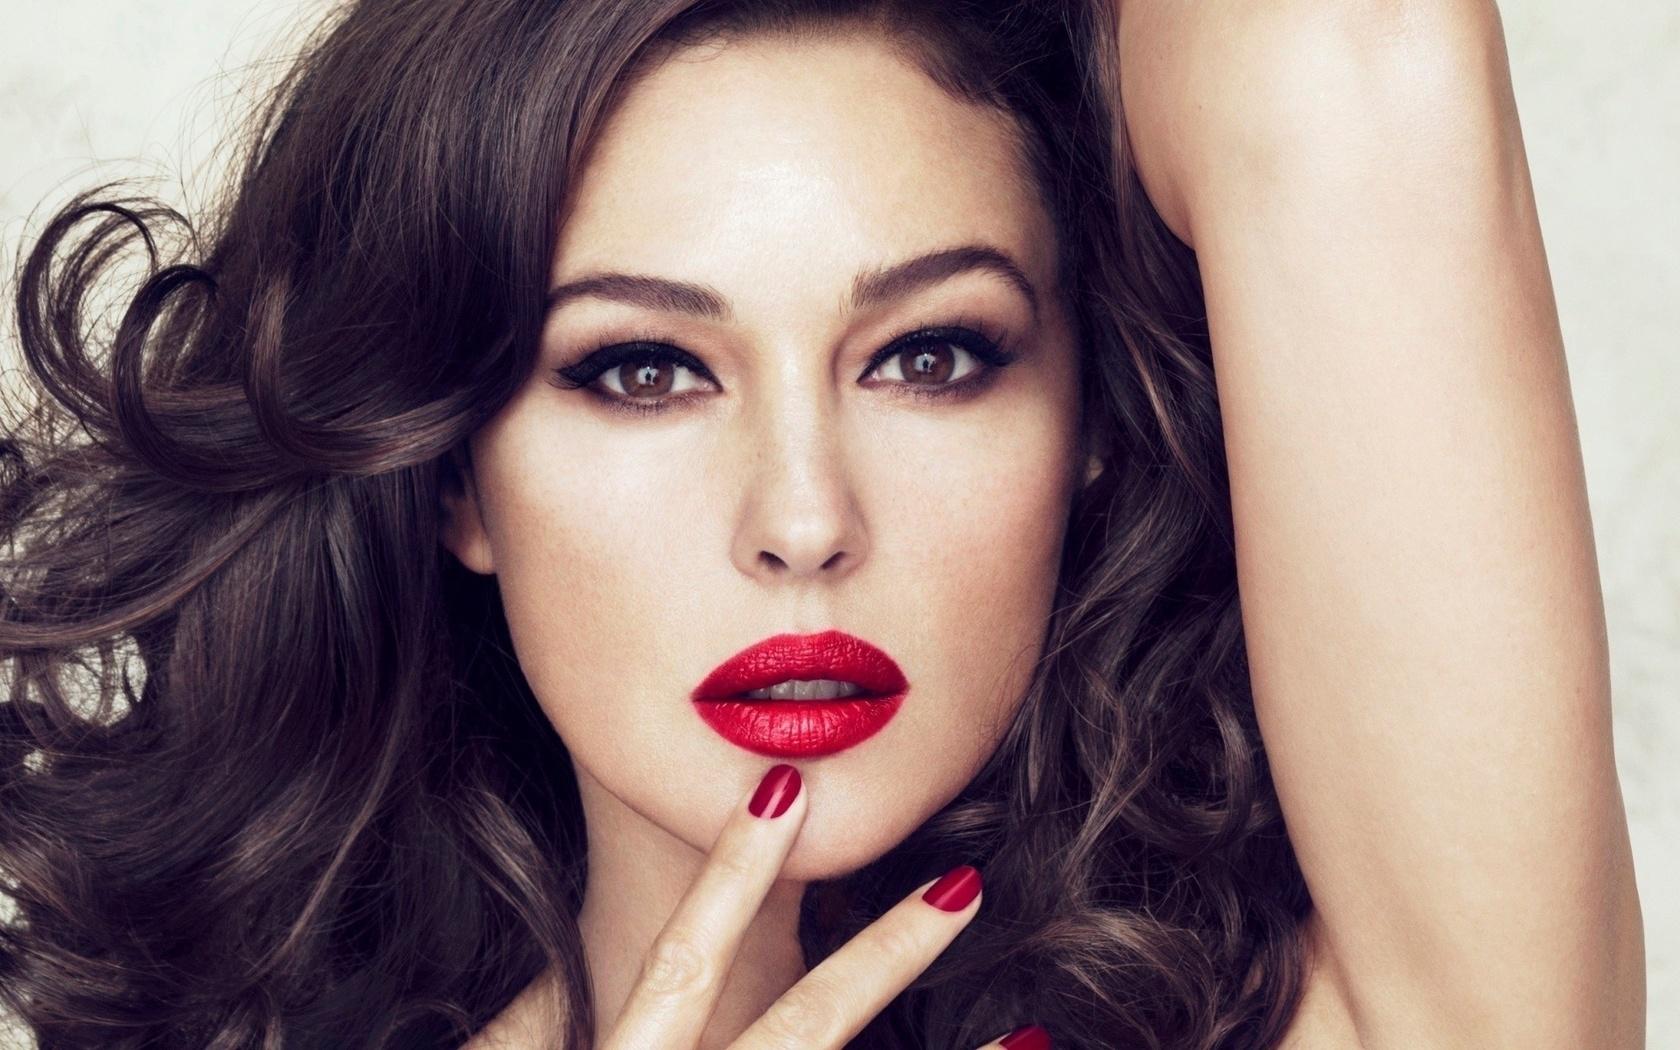 Смотреть онлайн секс с красивой девушкой в красном купальнике 24 фотография